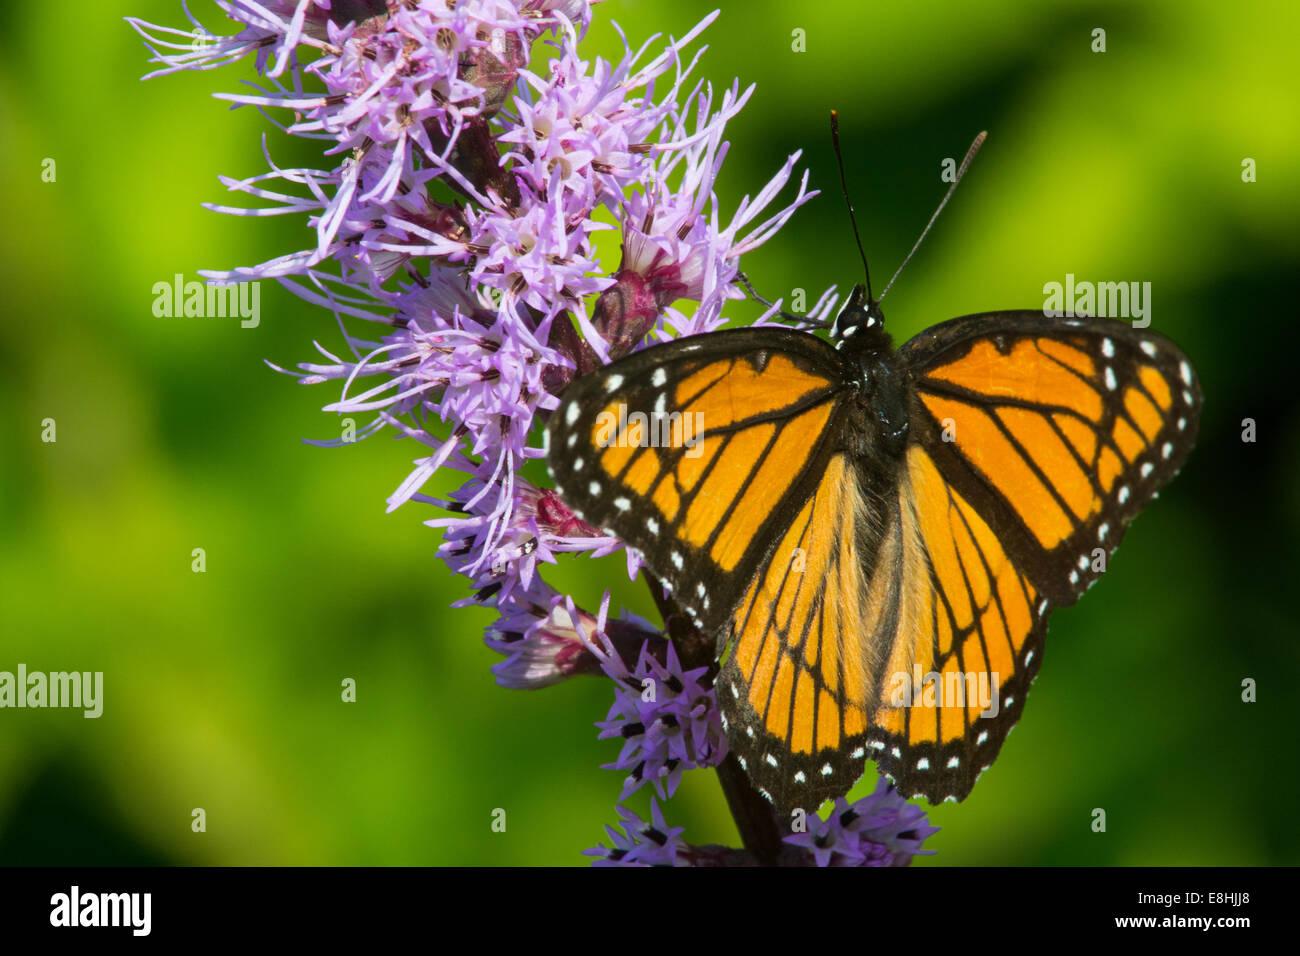 Viceroy feeding on nectar. - Stock Image